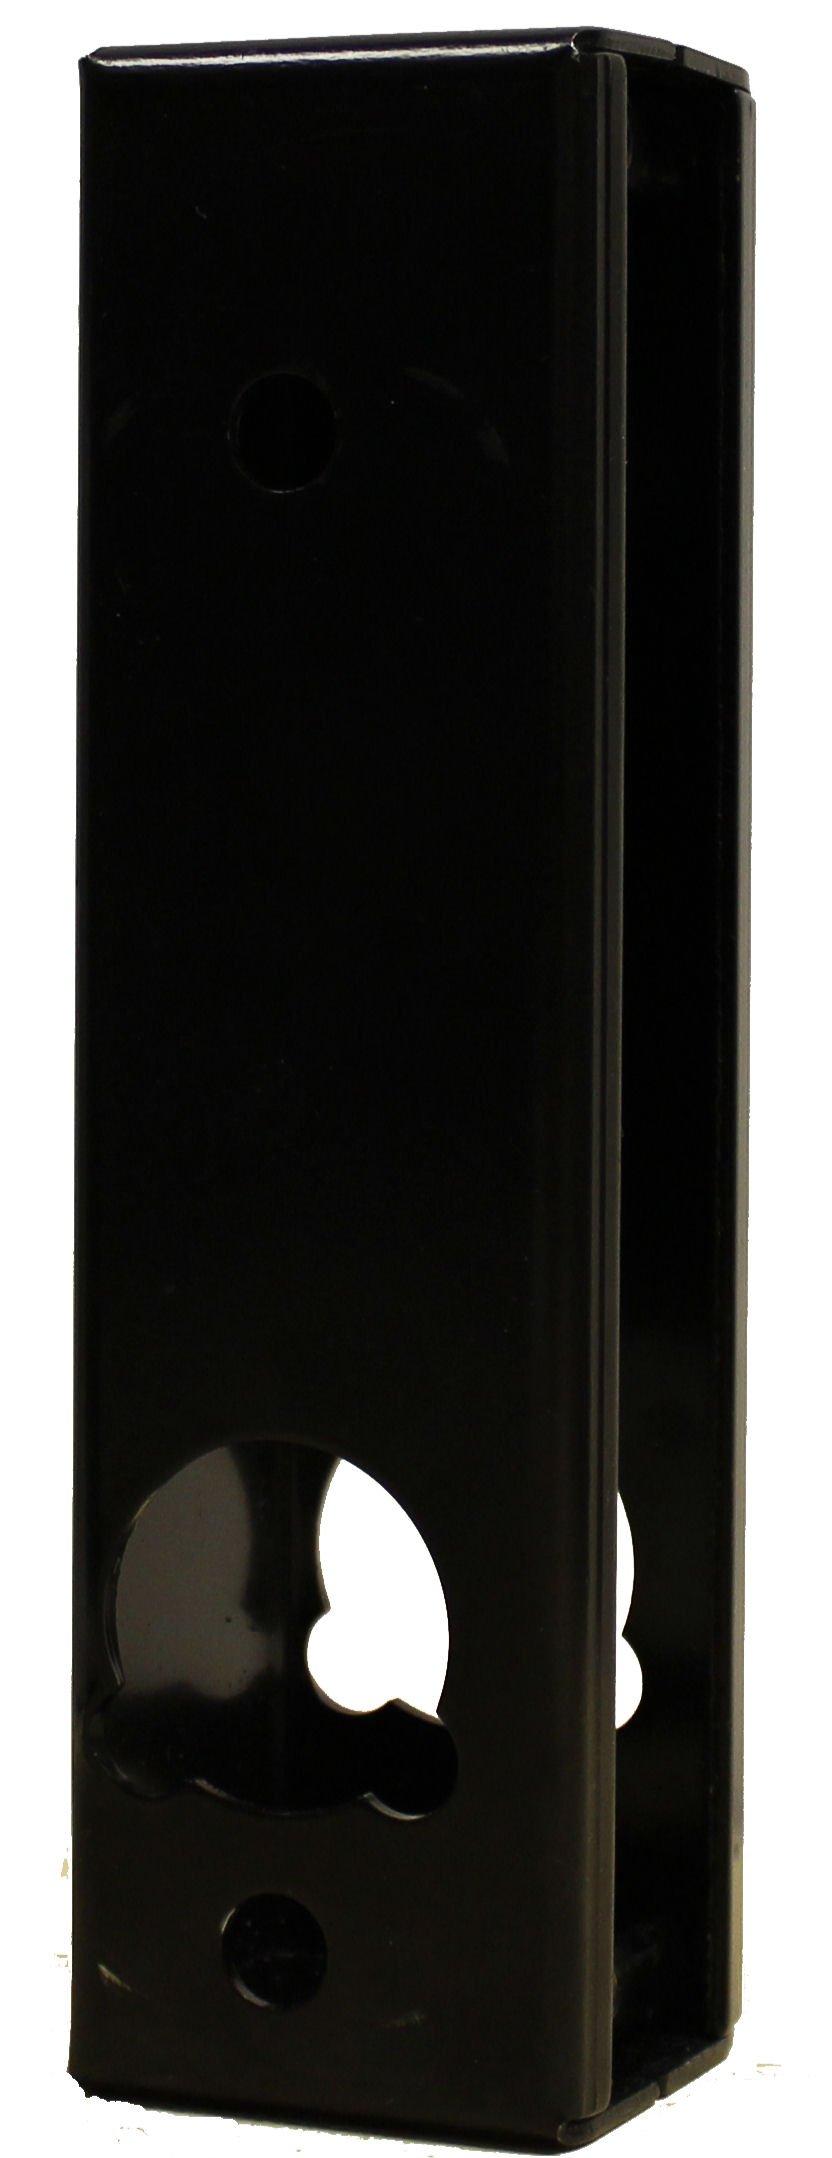 GB900 Gate Box